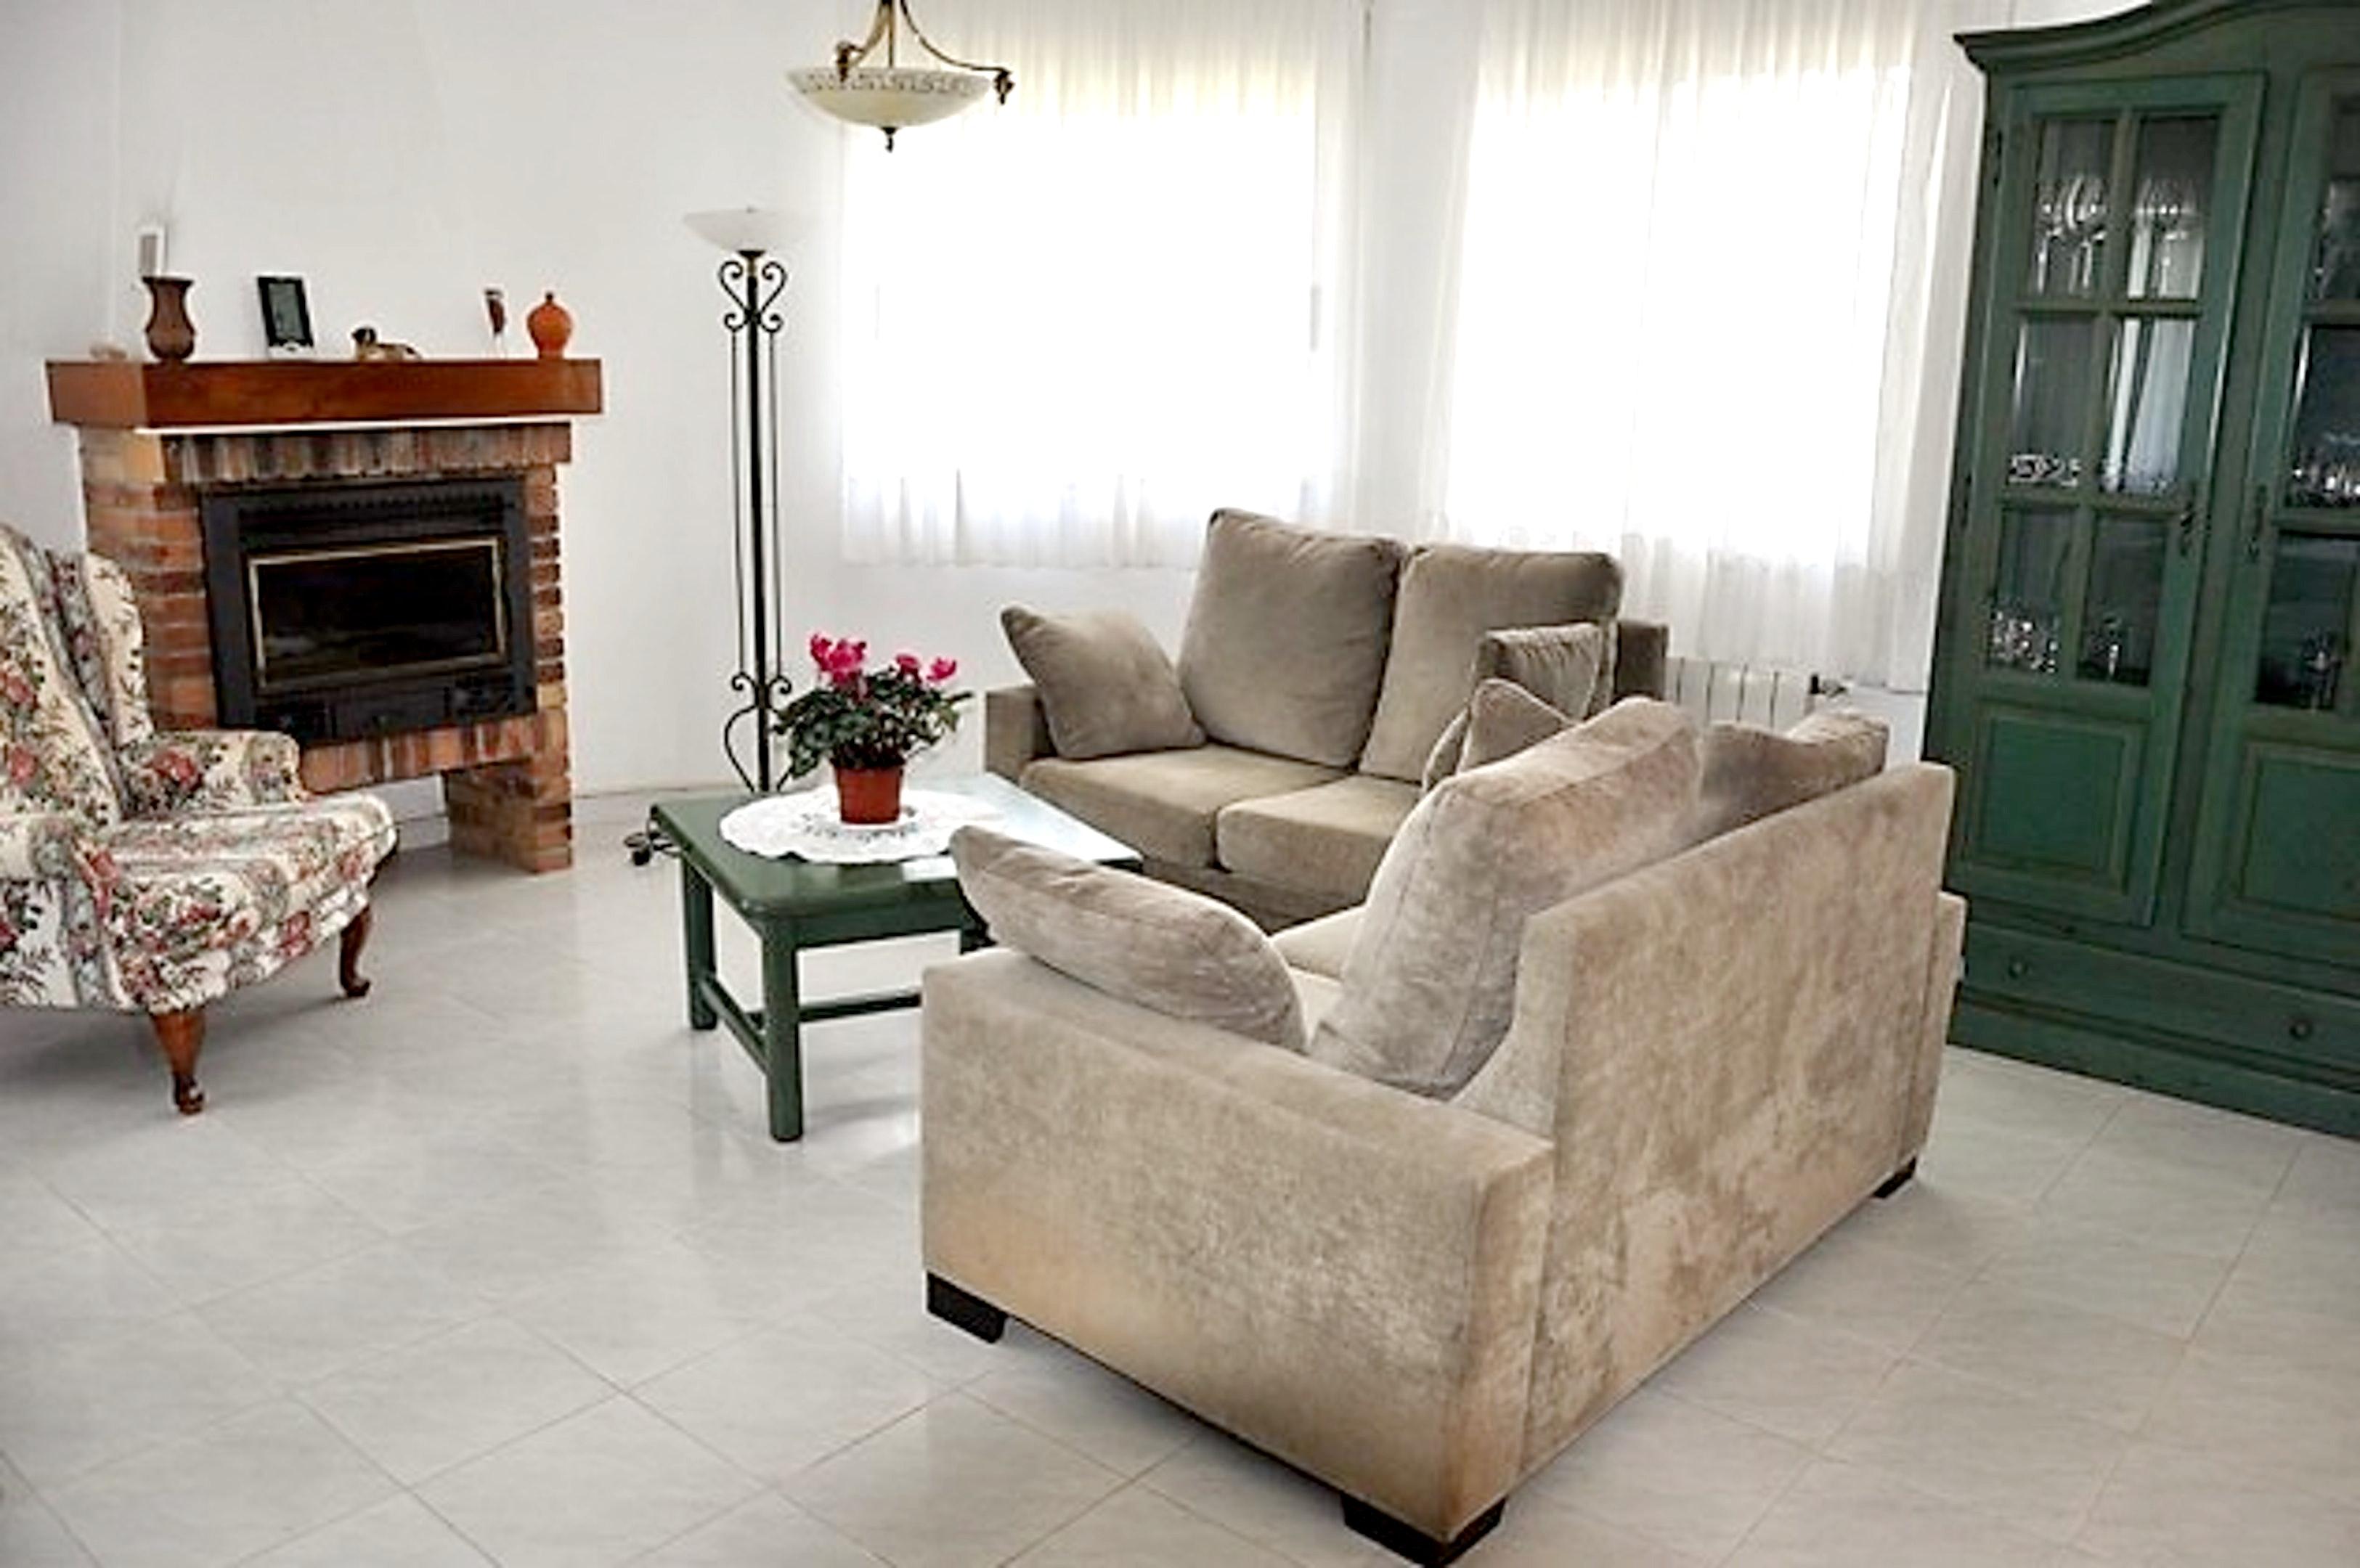 Ferienhaus Villa mit 3 Schlafzimmern in Ampolla mit herrlichem Meerblick, privatem Pool, möbliertem G (2201037), L'Ampolla, Costa Dorada, Katalonien, Spanien, Bild 8